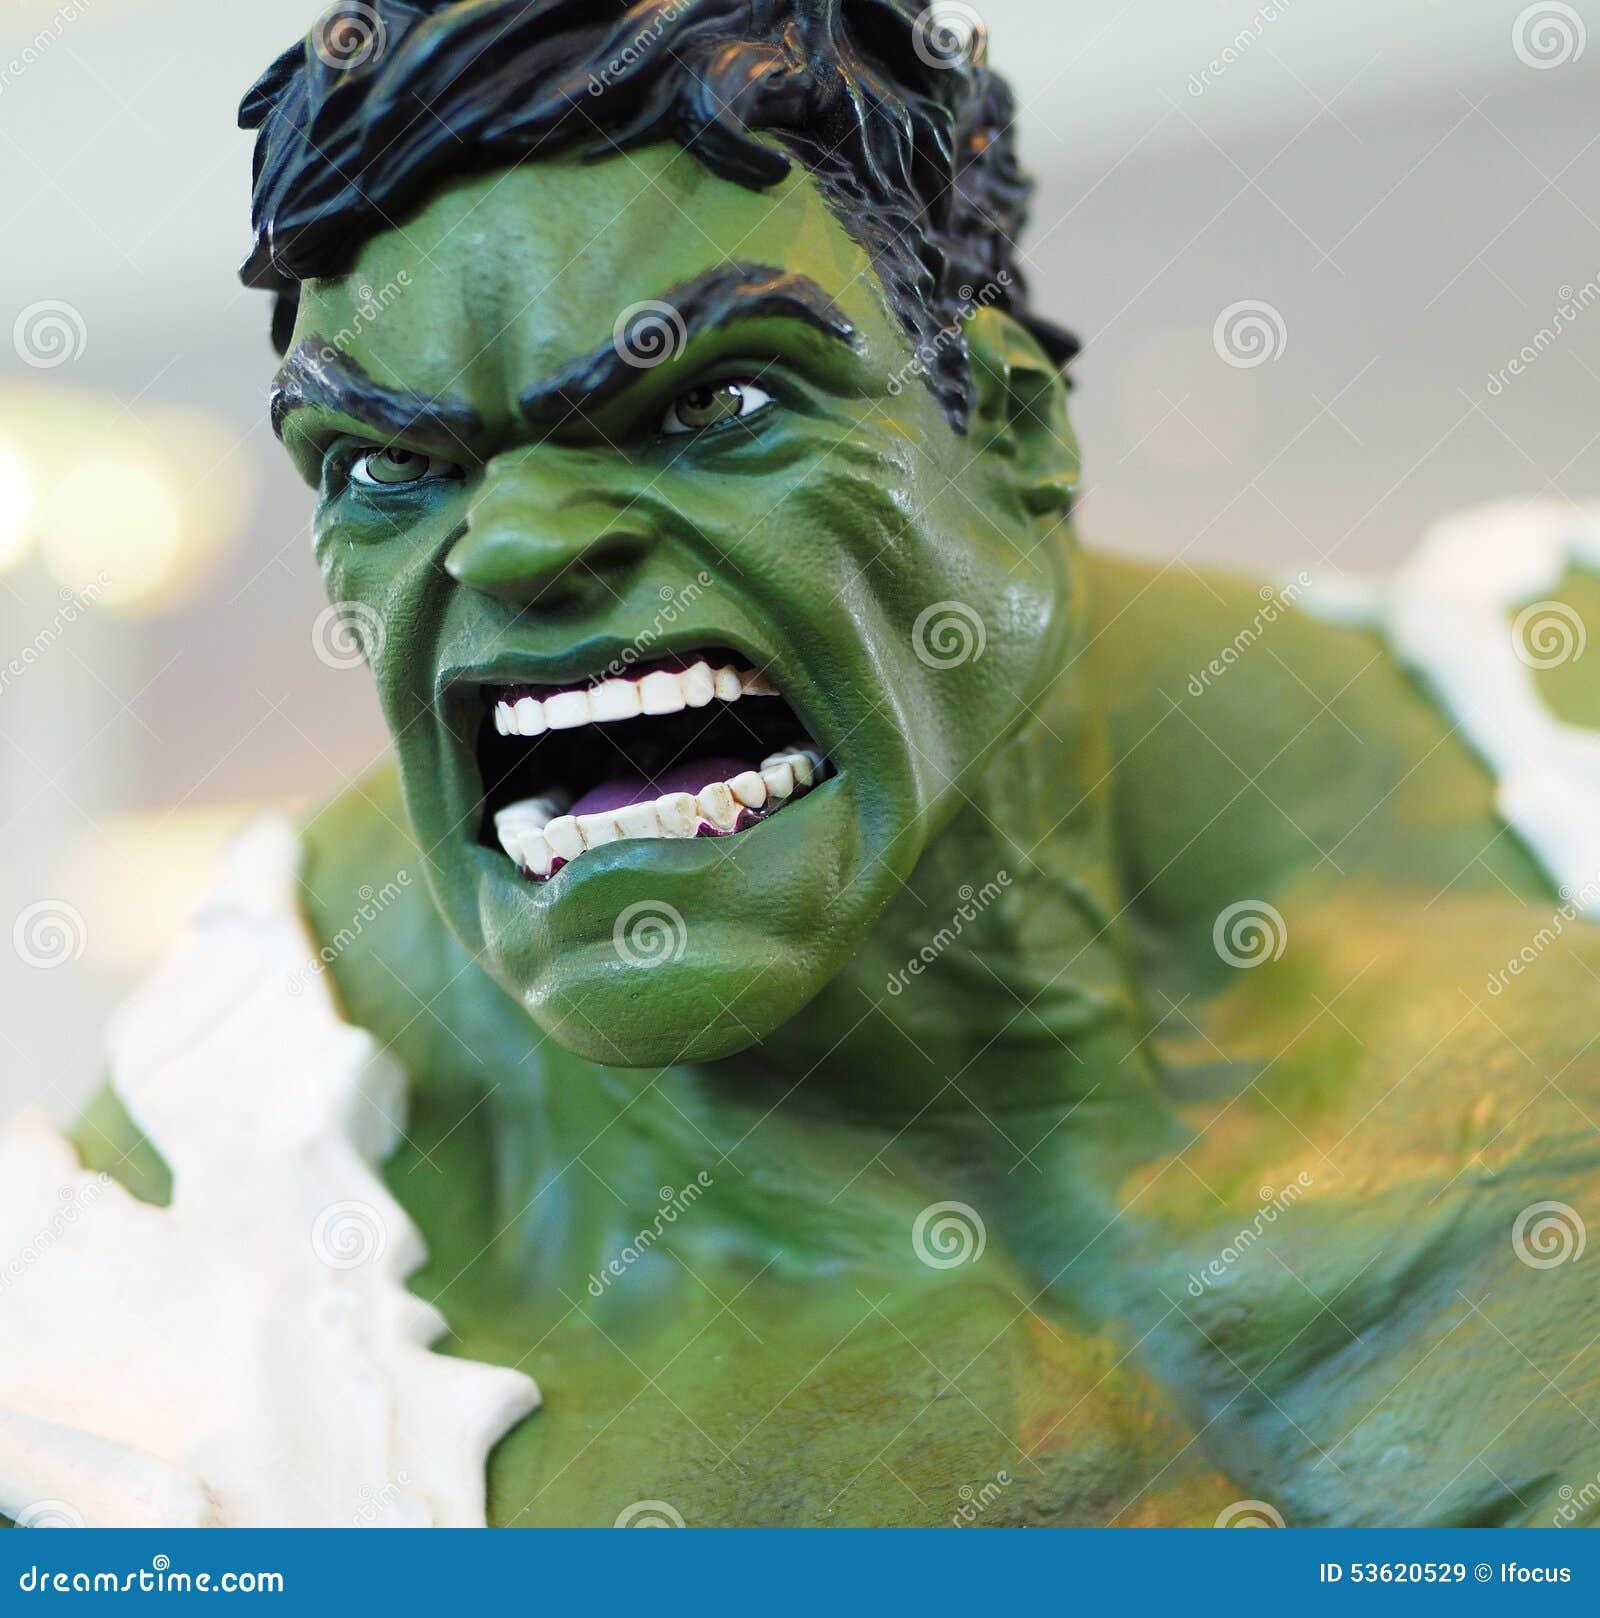 Powieściowego charakteru bohatera hulk